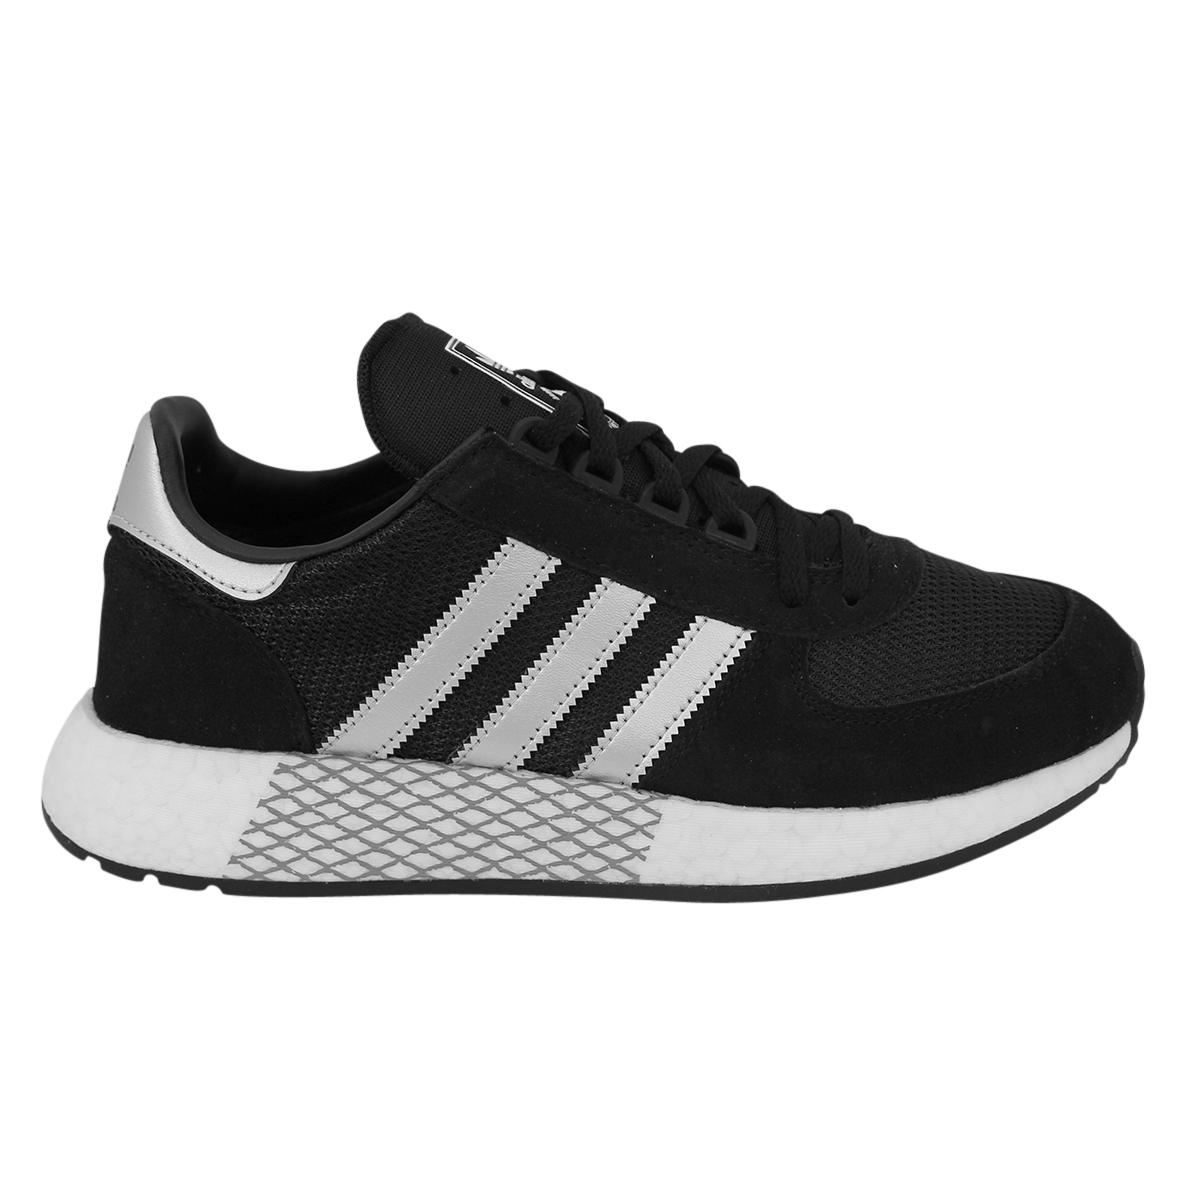 Adidas MARATHONX5923 Herren Laufschuhe Neu